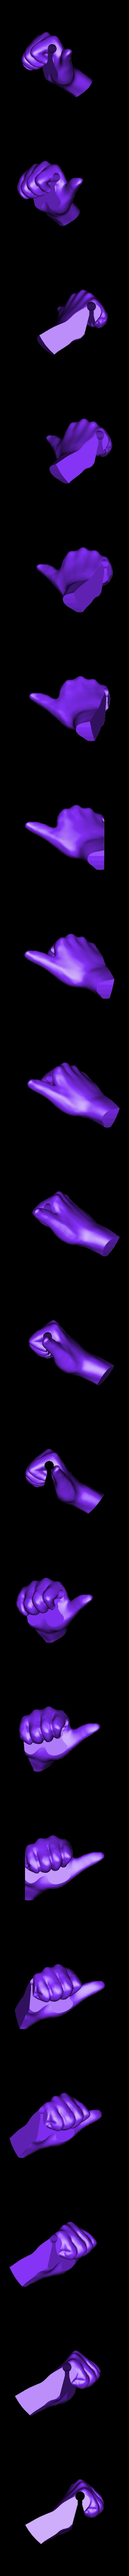 thumbs_up_spoke_bead.stl Télécharger fichier STL gratuit Perle de bicyclette à rayons • Plan pour impression 3D, motherfucker